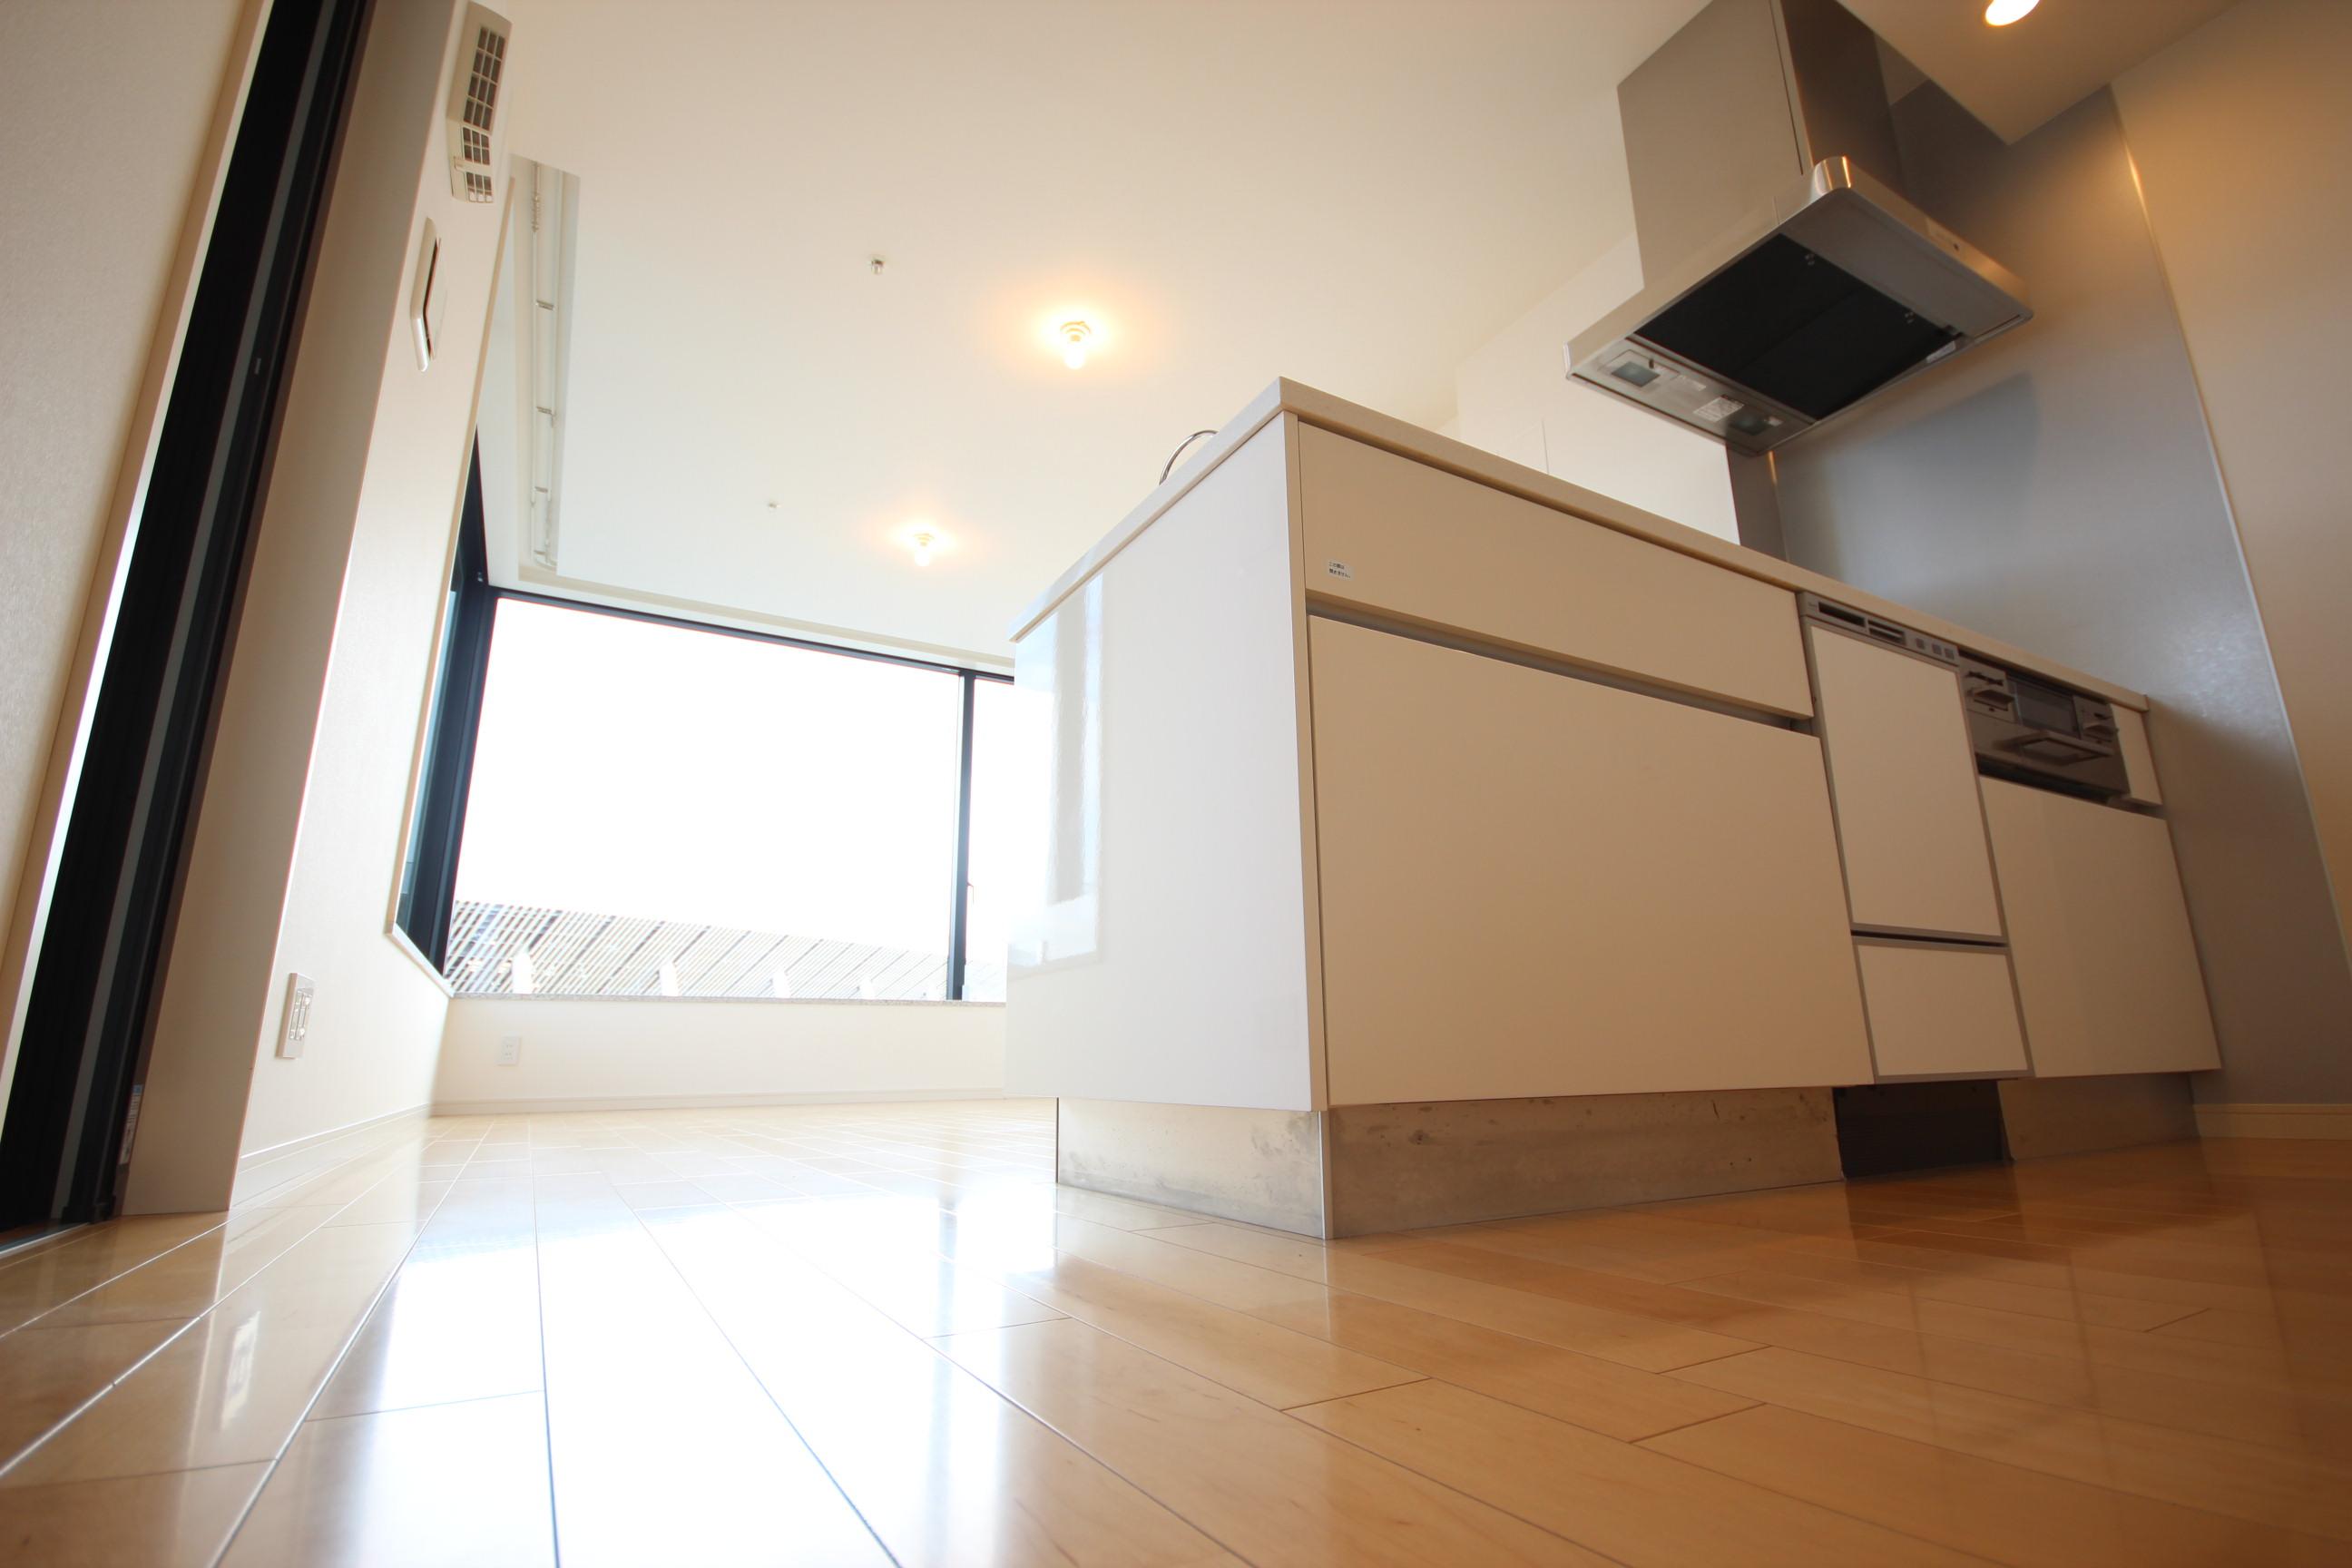 【東京でのセカンドハウスの購入】~新築とも比較検討したが、最後に選んだのは立地を重視した築浅マンション。オリンピックを側で感じられる邸宅でした。~